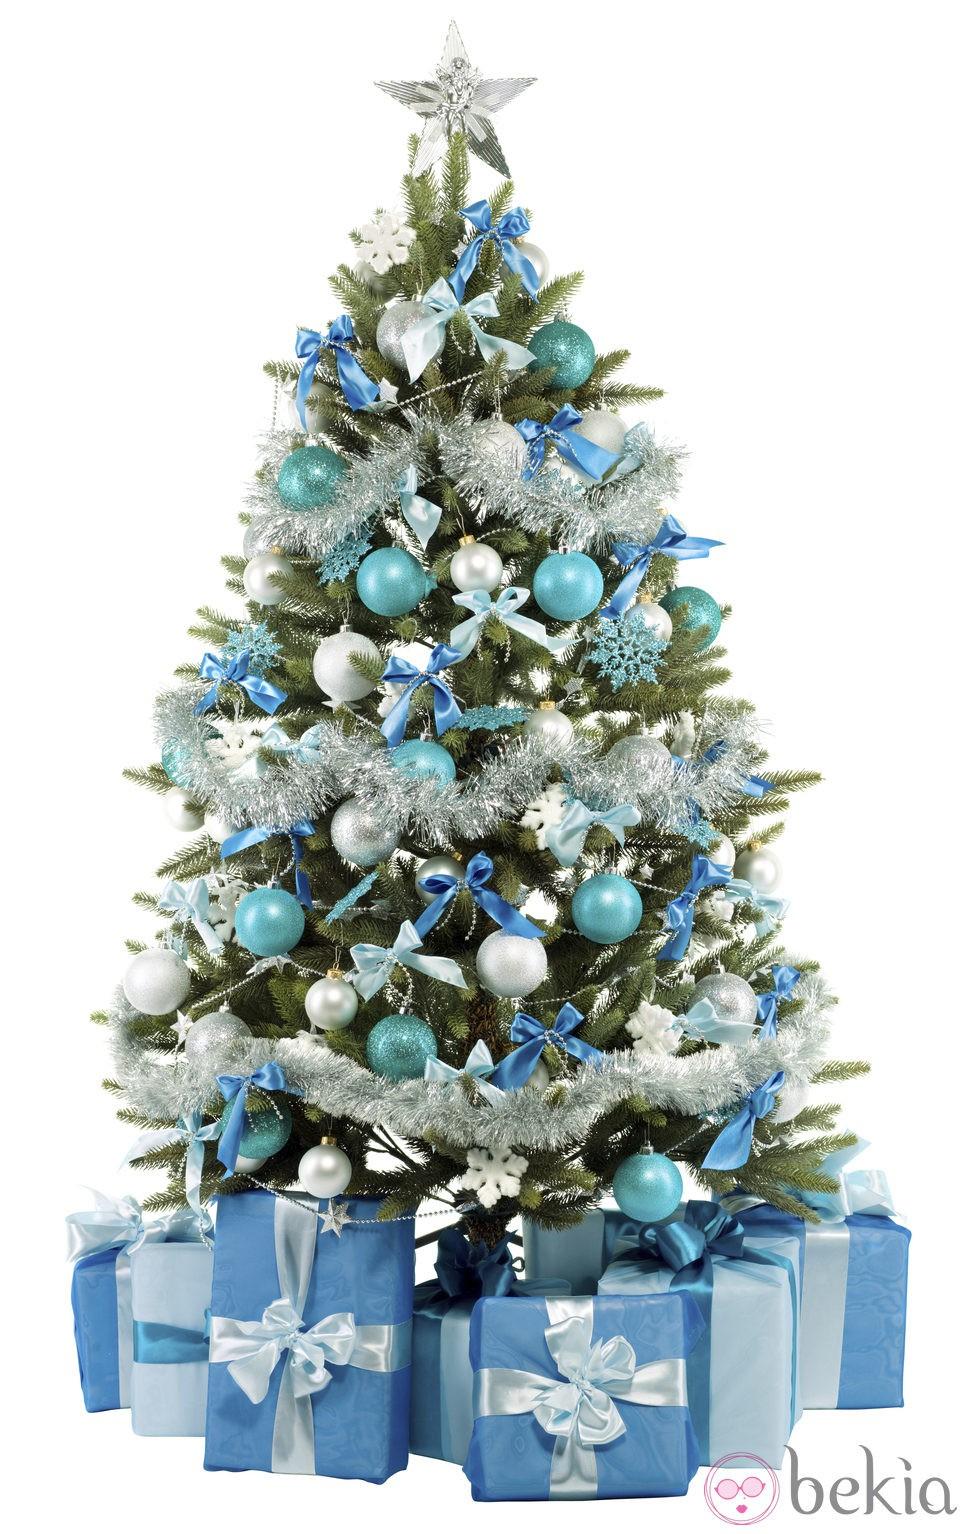 Rbol de navidad azul y plata fotos de navidad - Arboles navidad decoracion ...